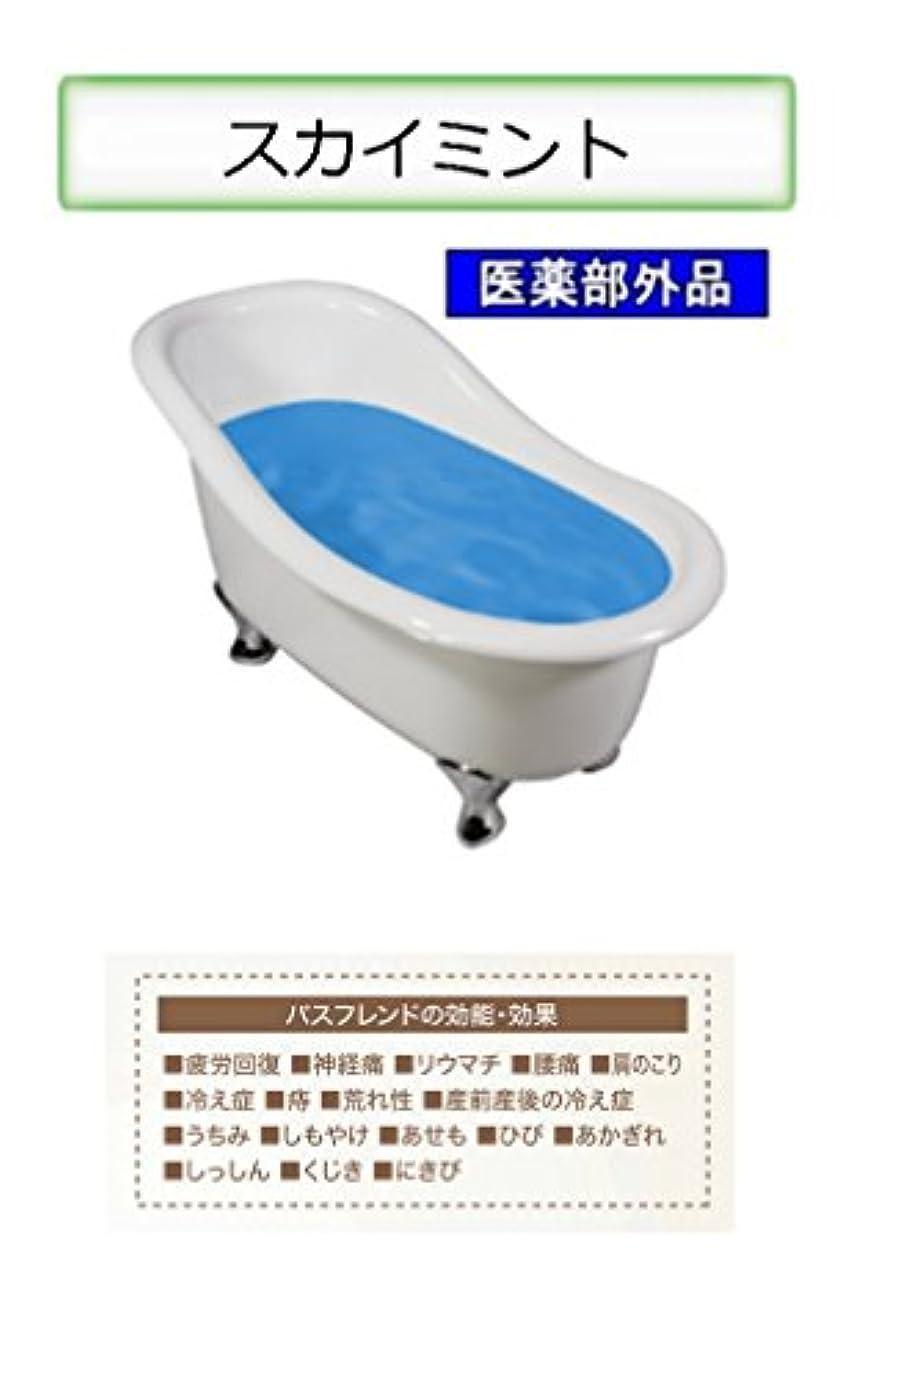 寛容サスティーン優れた薬用入浴剤 バスフレンド/伊吹正 (スカイミント, 17kg)